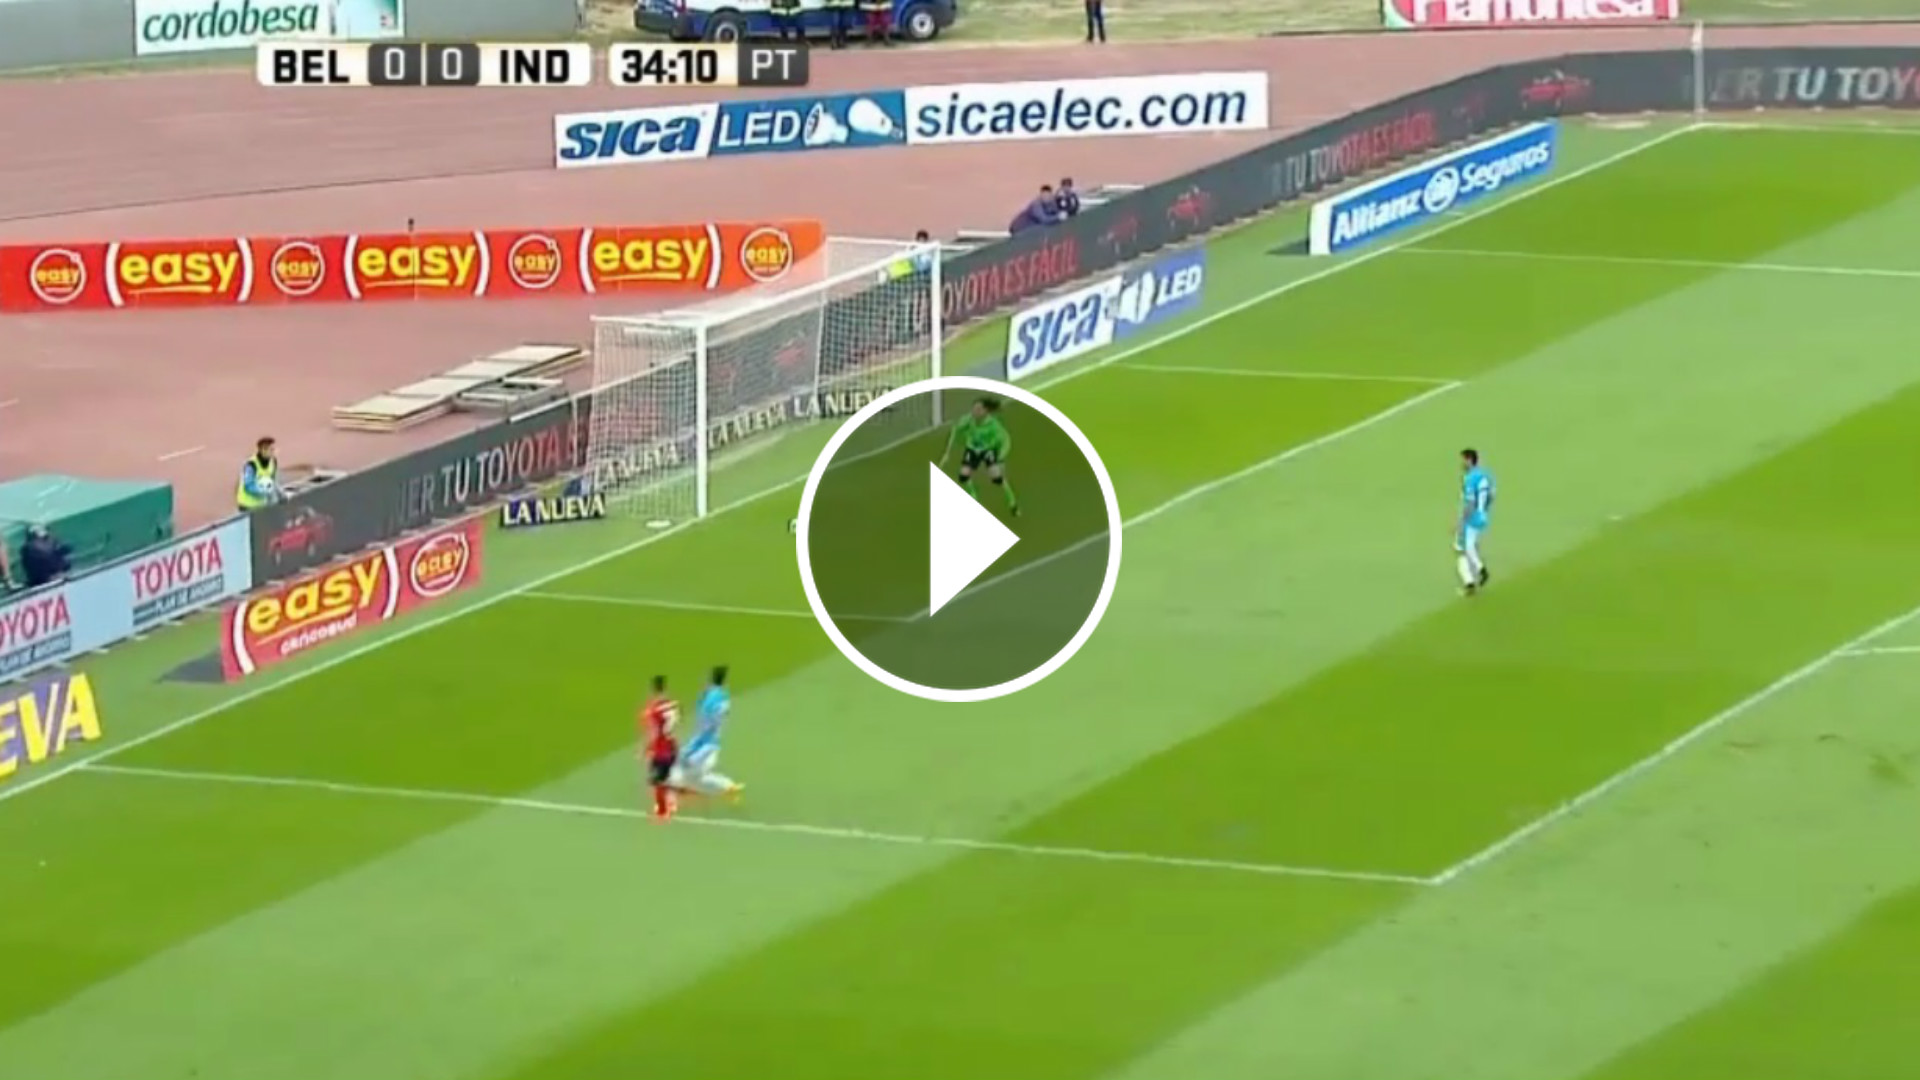 Image Result For Ao Vivo Vs Streaming En Vivo Directo Gol Tv